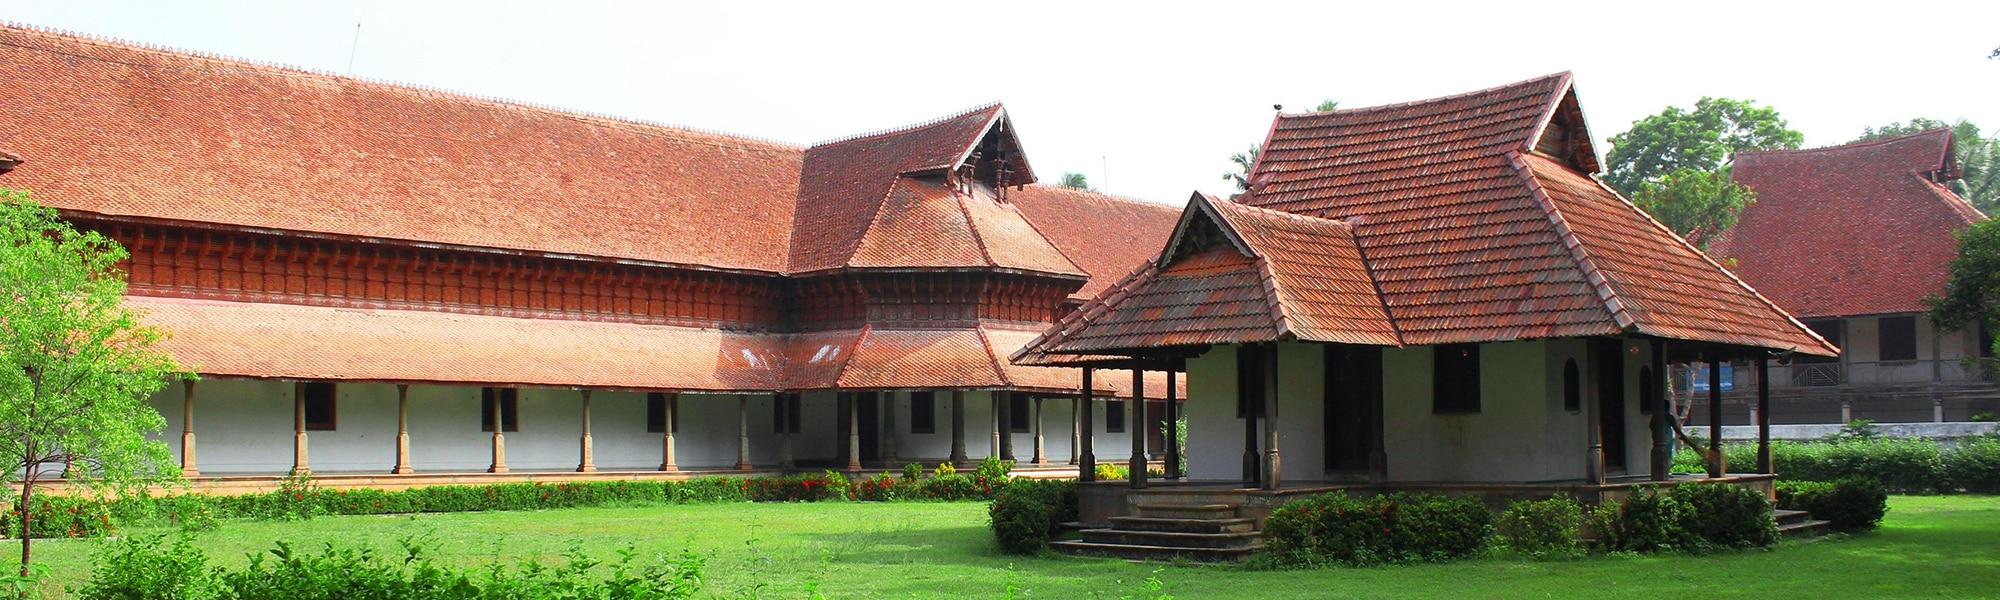 Kuthiramalika or Puthenmalika Palace Museum